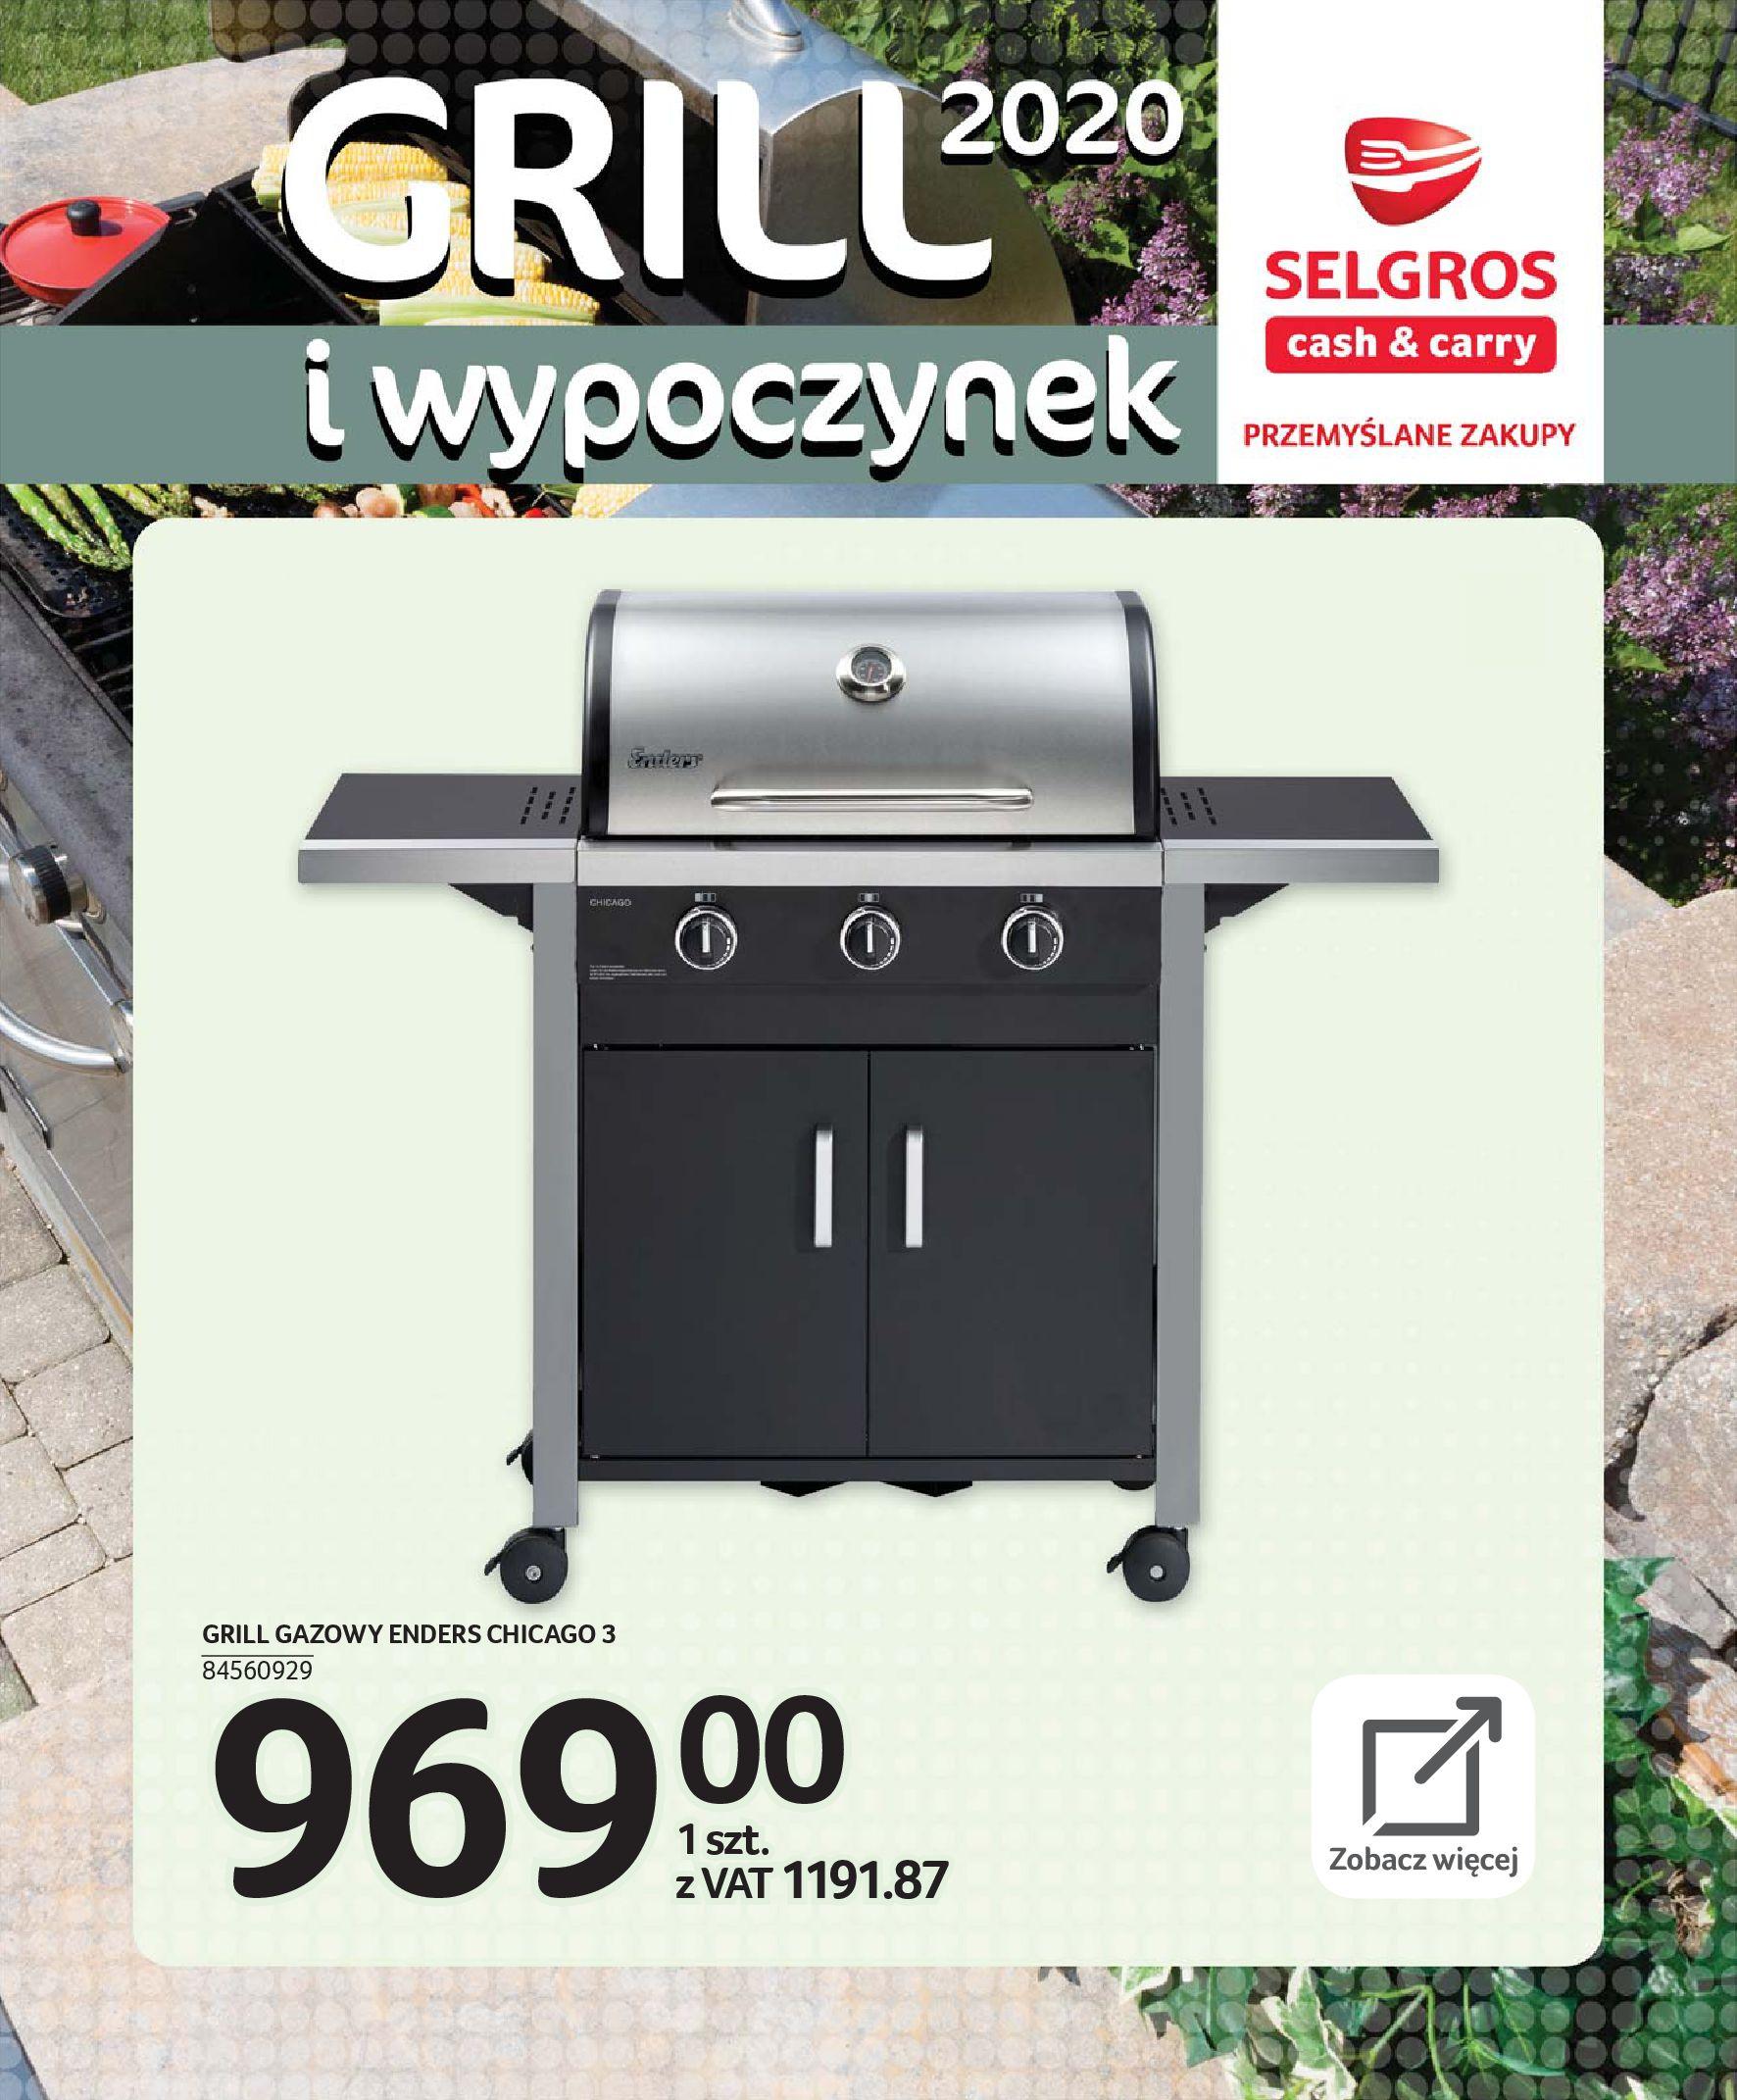 Gazetka Selgros - Katalog - Grill i wypoczynek-31.03.2020-31.08.2020-page-59